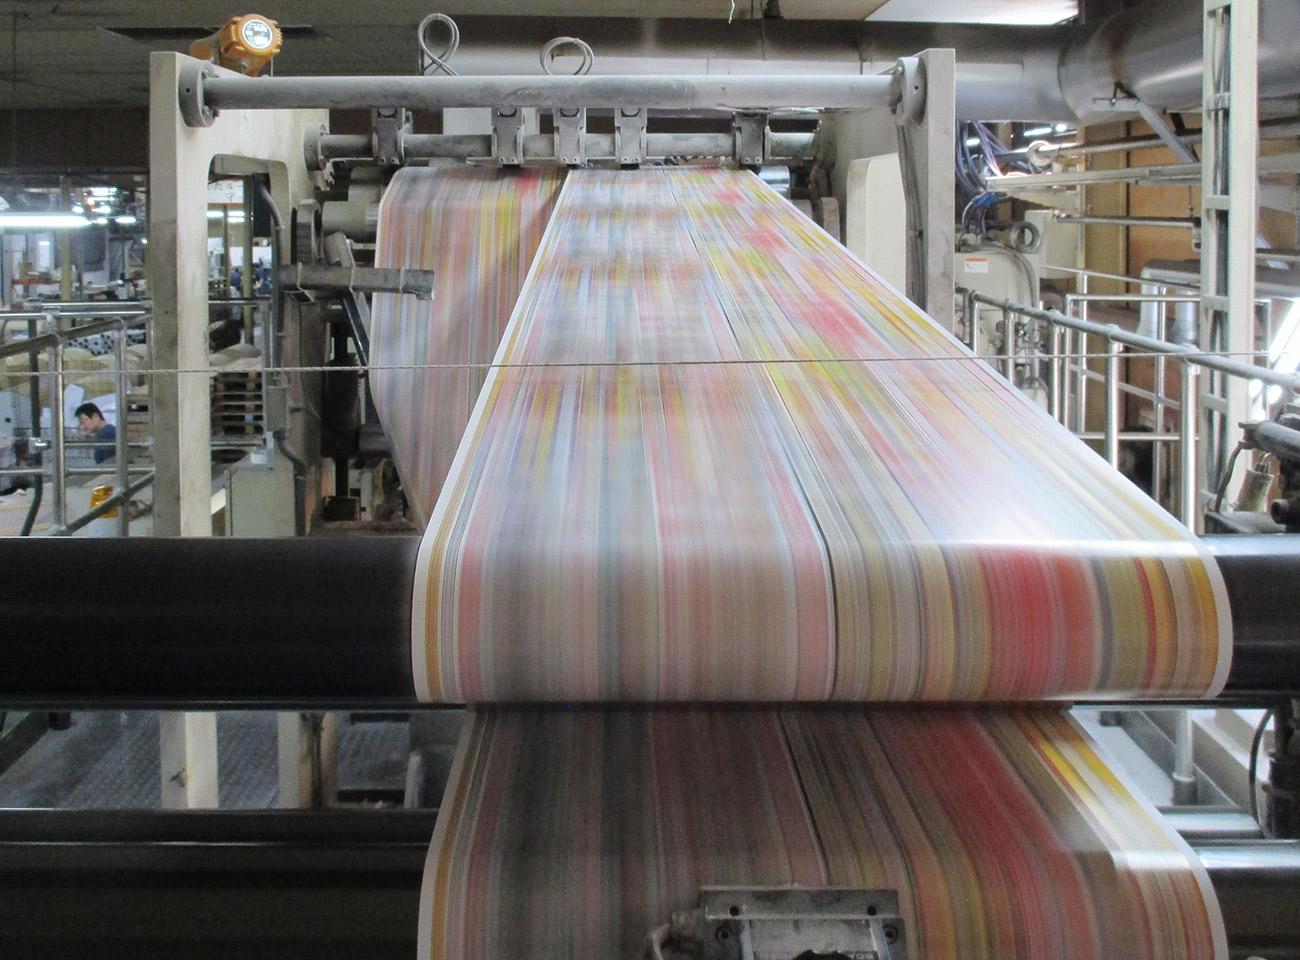 安佐輪転工場の輪転印刷機